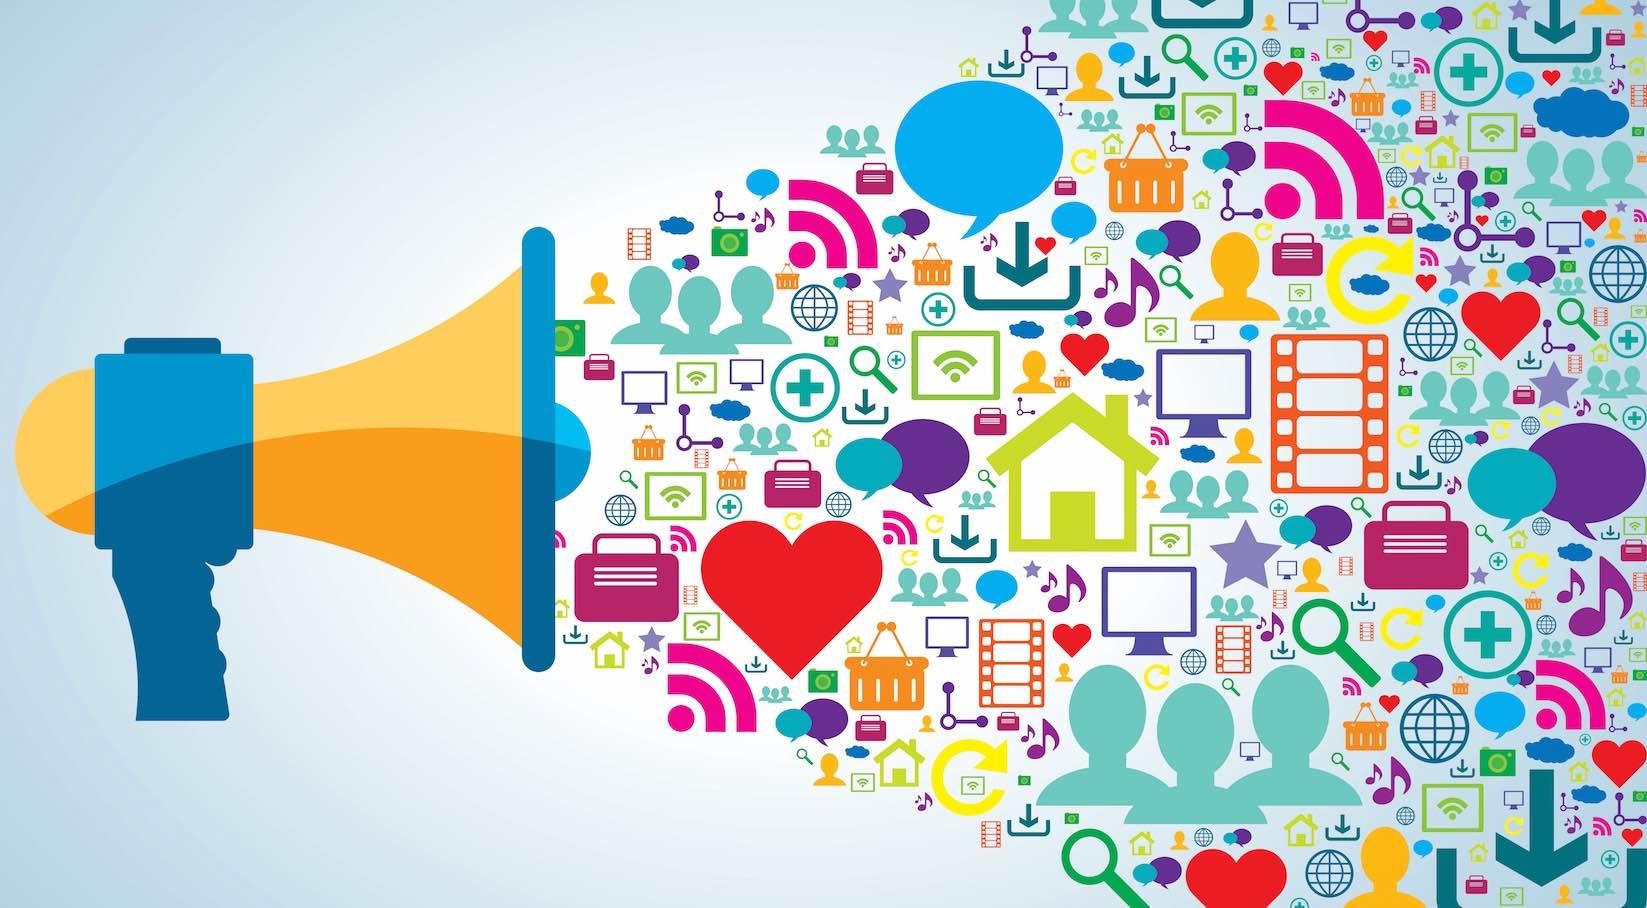 Quảng bá thương hiệu cá nhân trên mạng xã hội